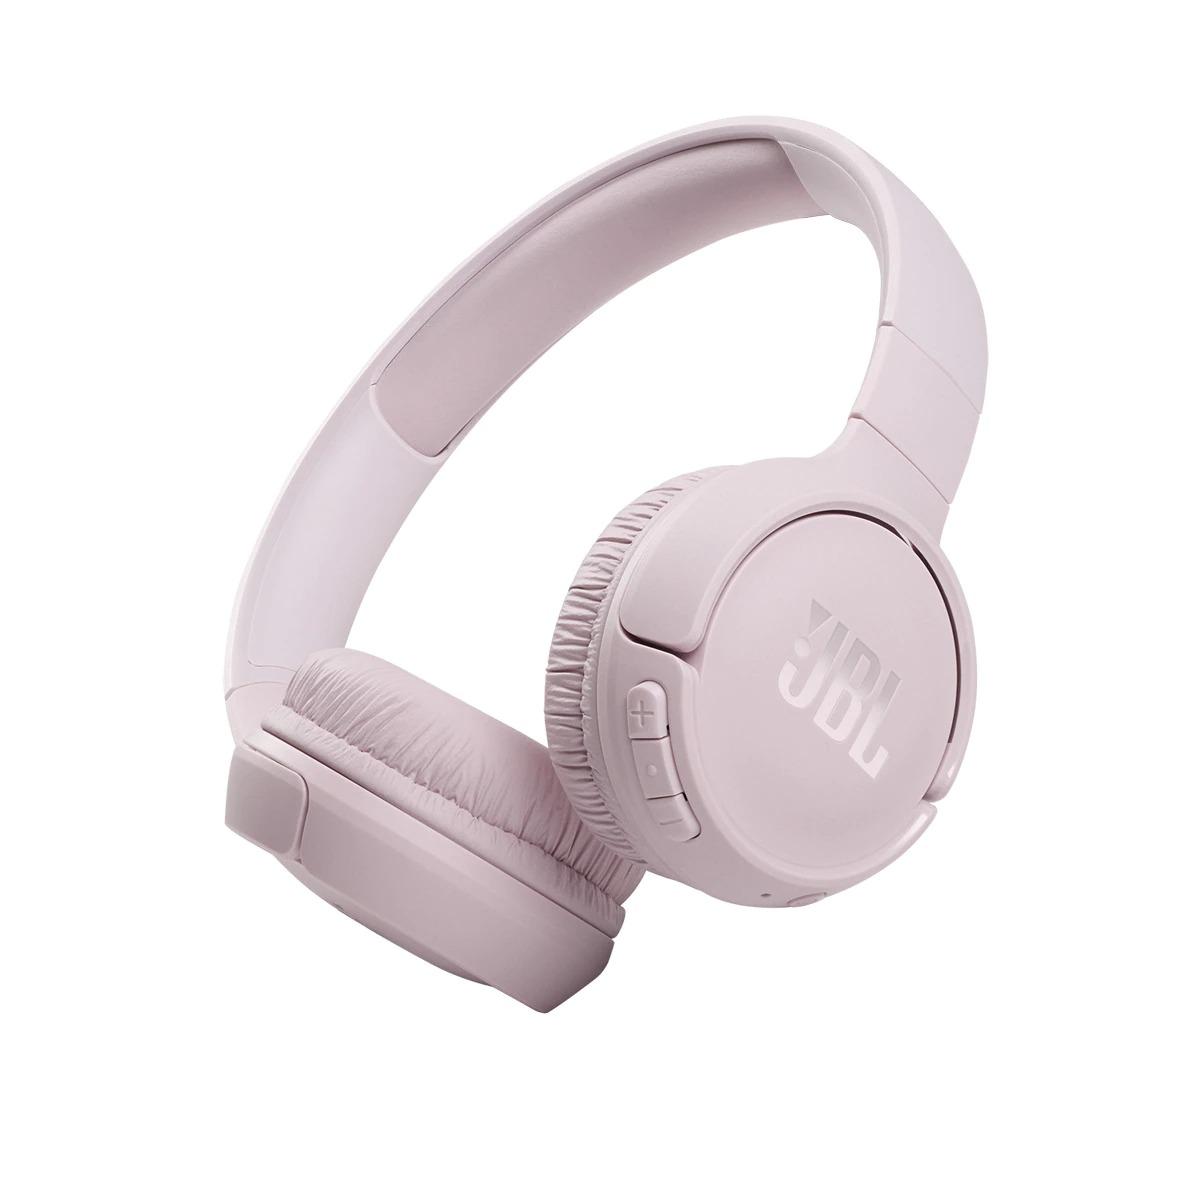 Auricular de diadema JBL Tune 510 BT OnEar inalámbrico rosa